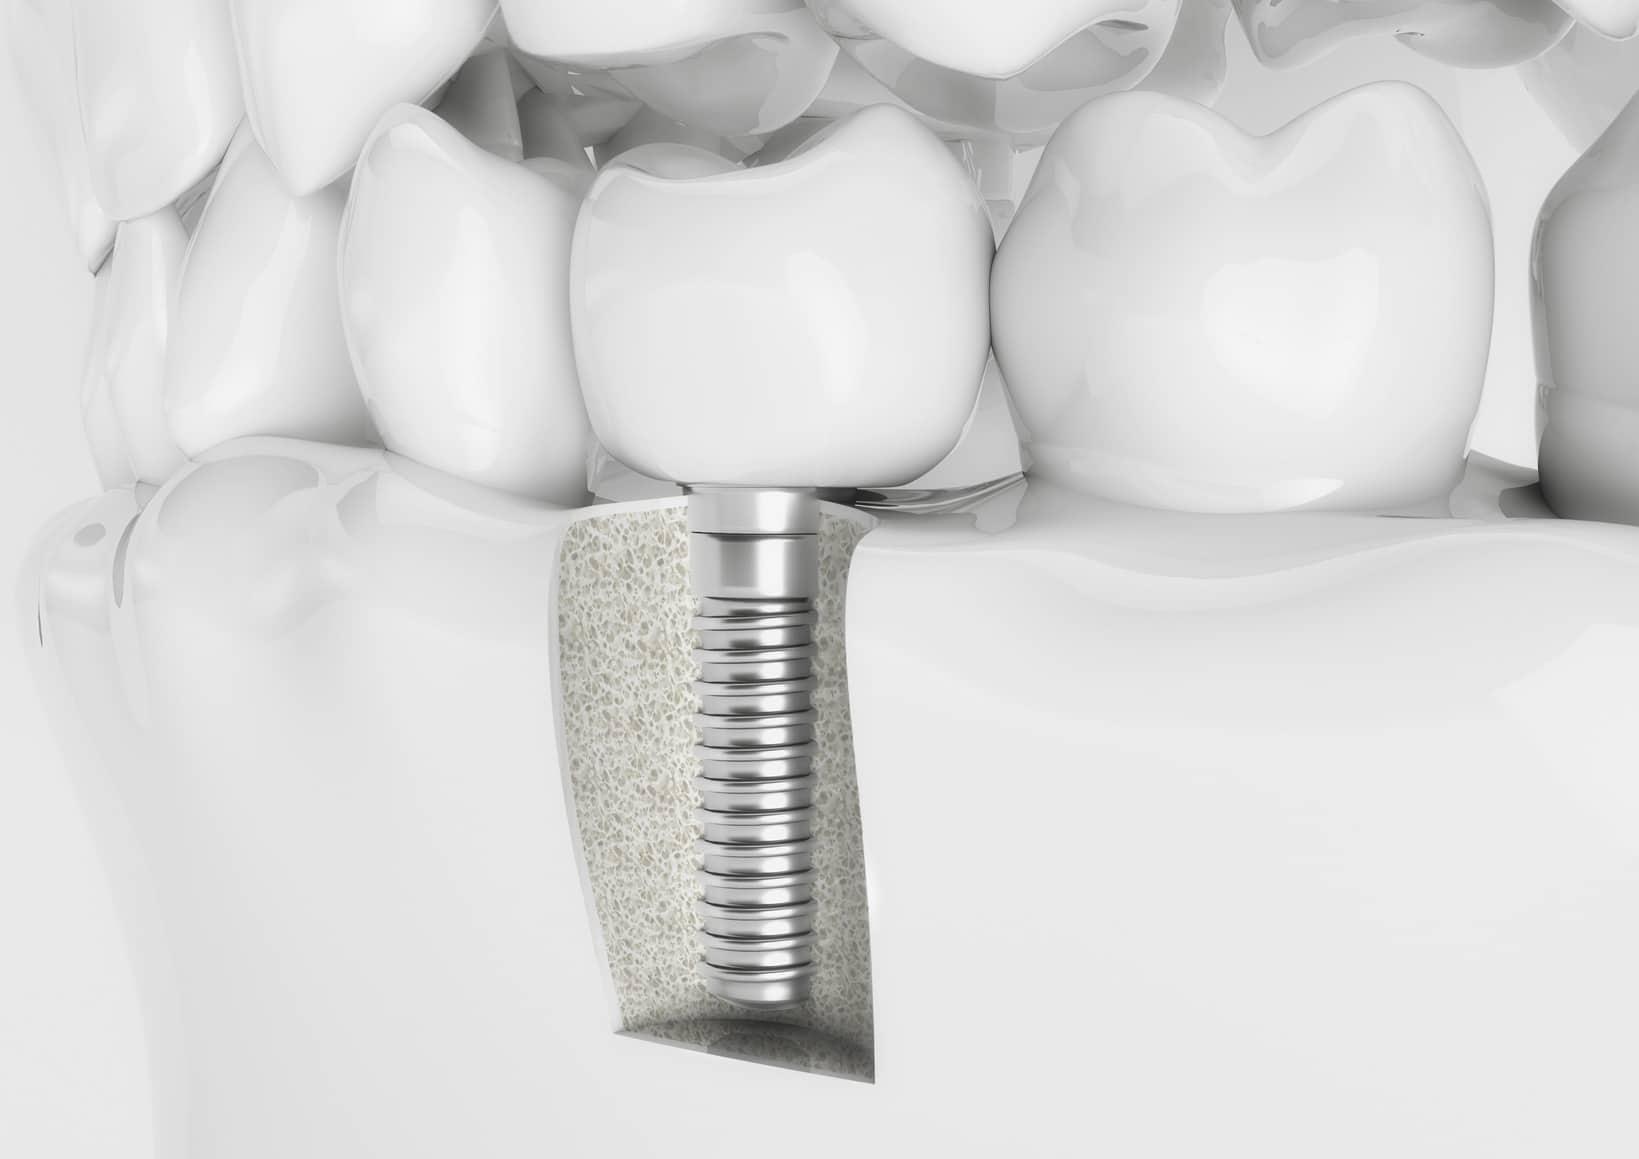 Est-ce que les visites des enfants chez le dentiste sont prises en charge?